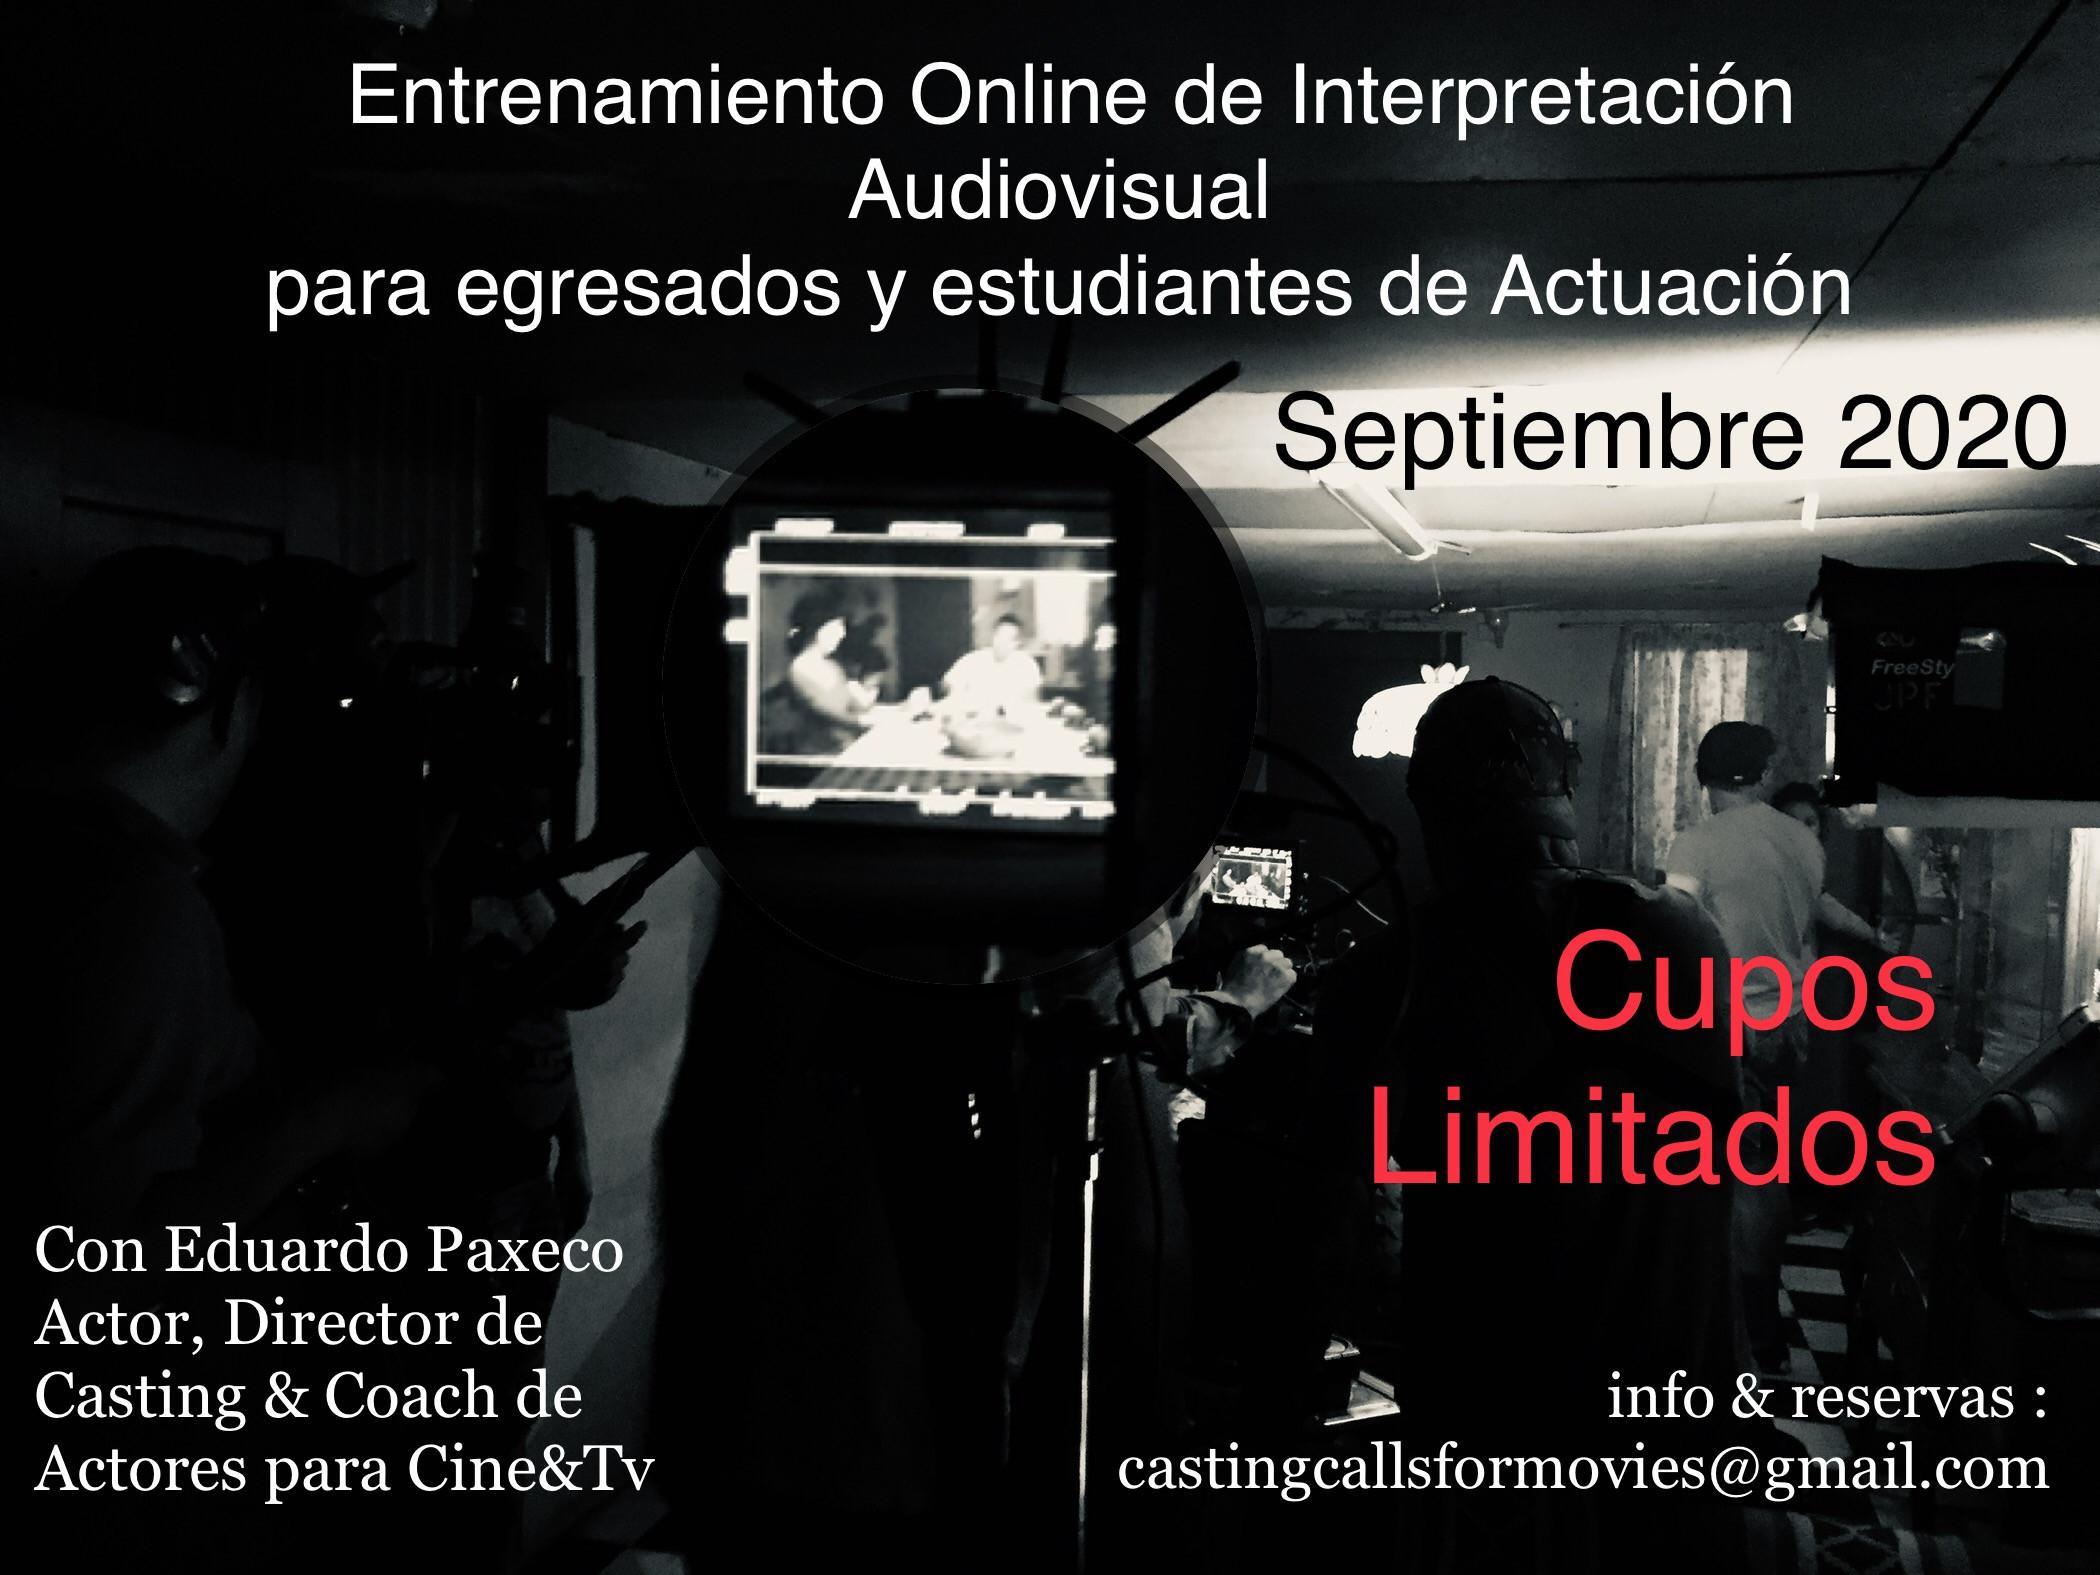 Workshop/Taller de Actuación Cine&Tv